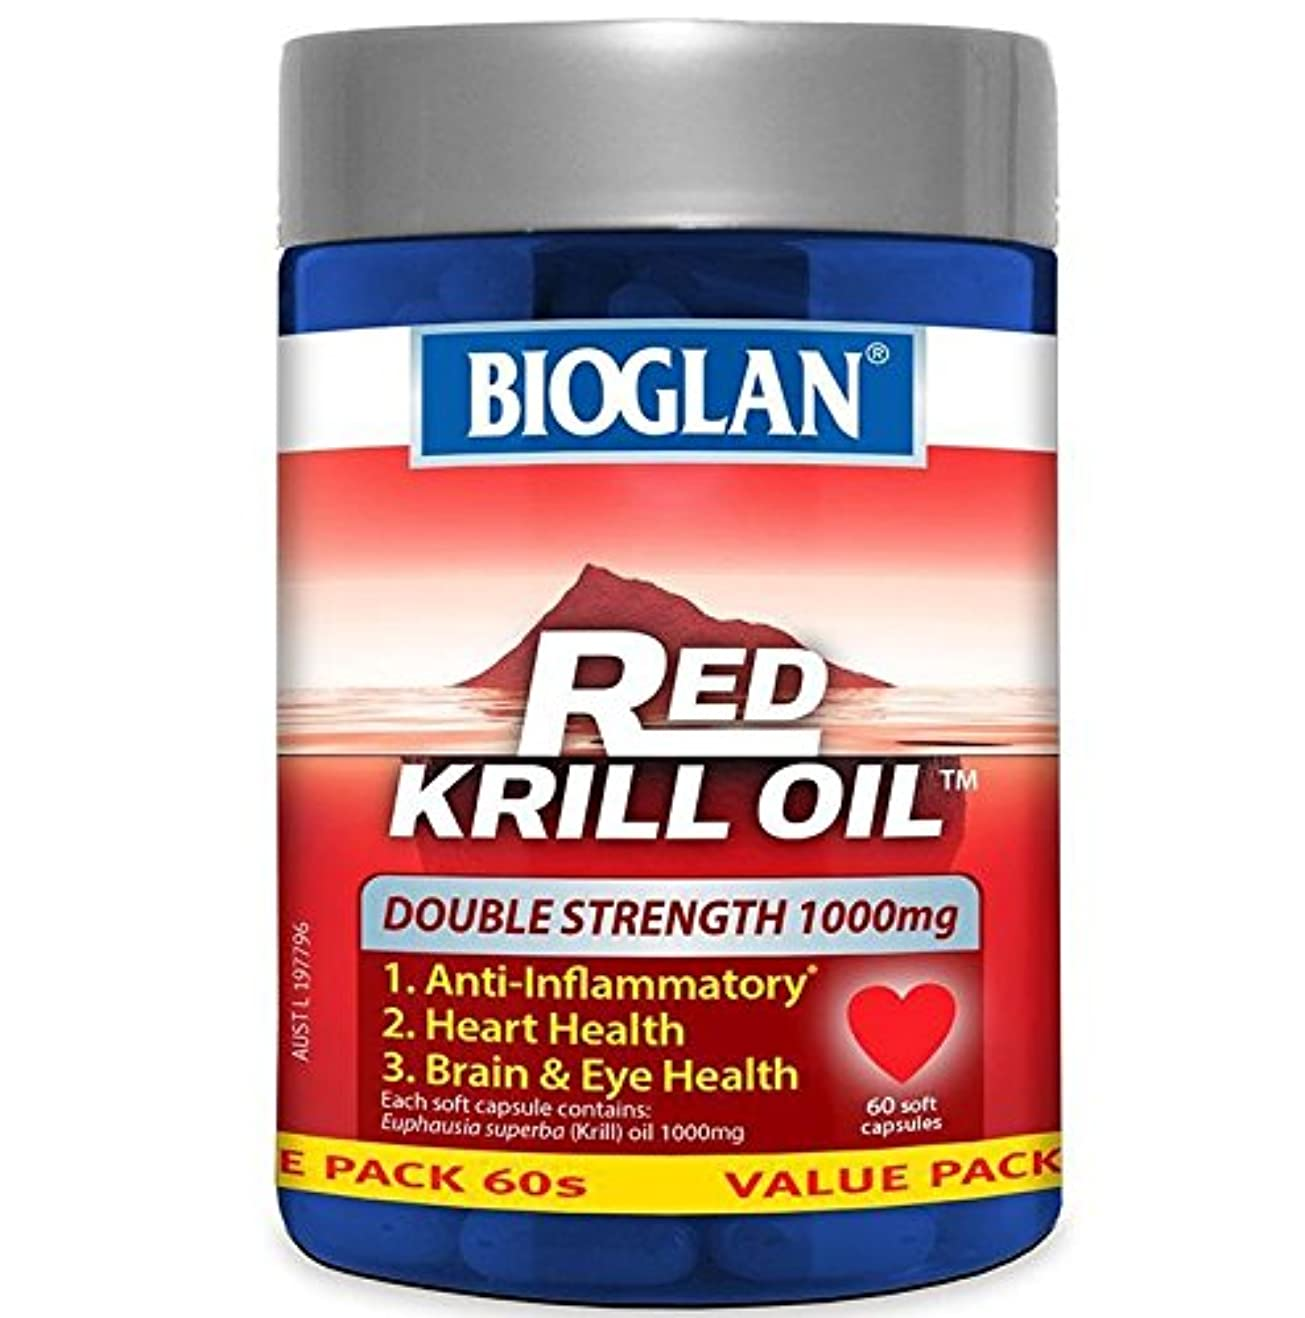 透過性吐き出す集団Bioglan(バイオグラン) レッドクリルオイル 1000mg カプセル60錠【海外直送品】 [並行輸入品]